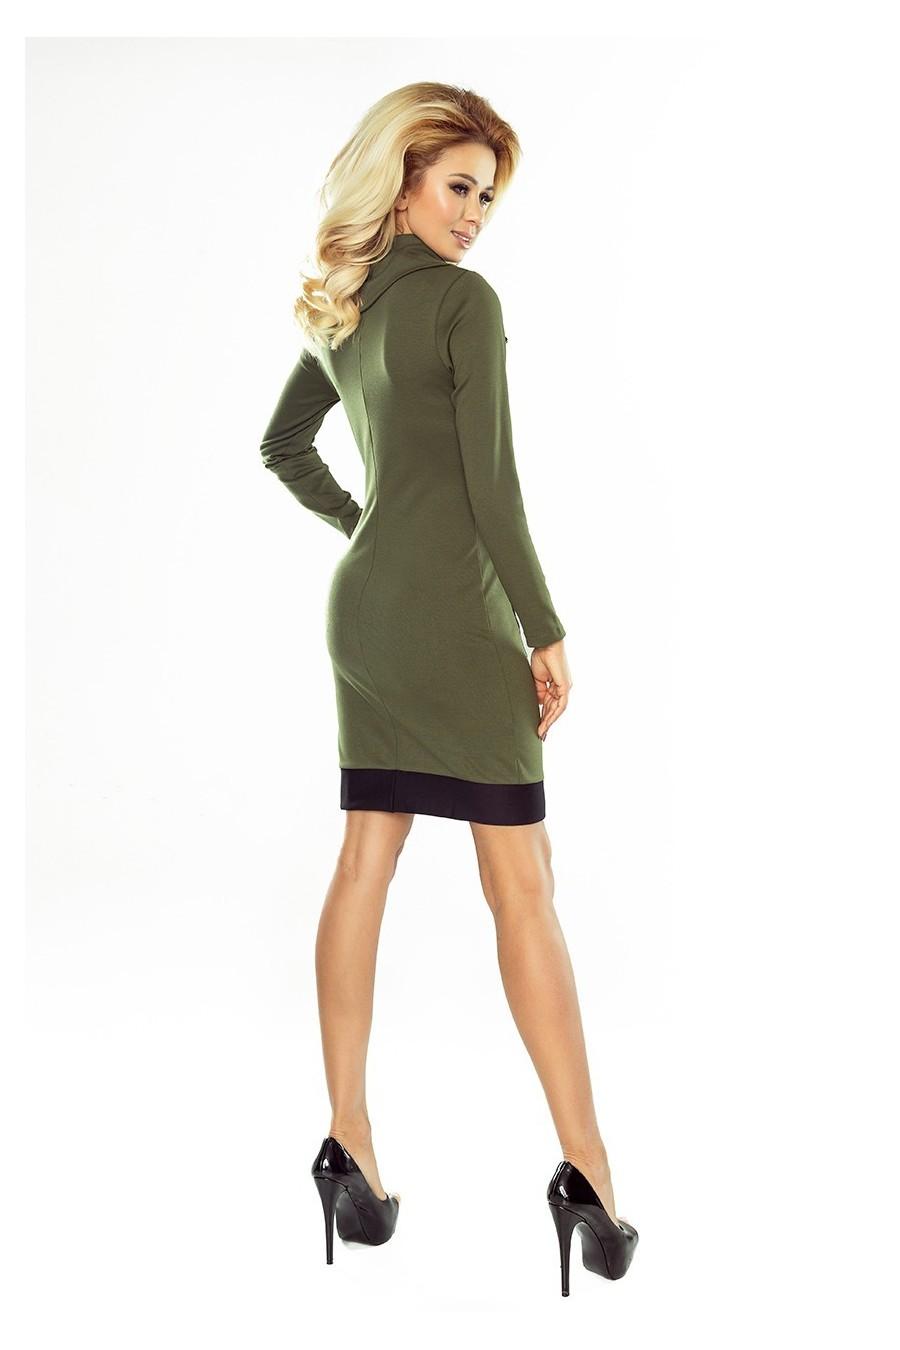 129-7 Justyna šaty se třemi zámky - KHAKI + cerné zámky